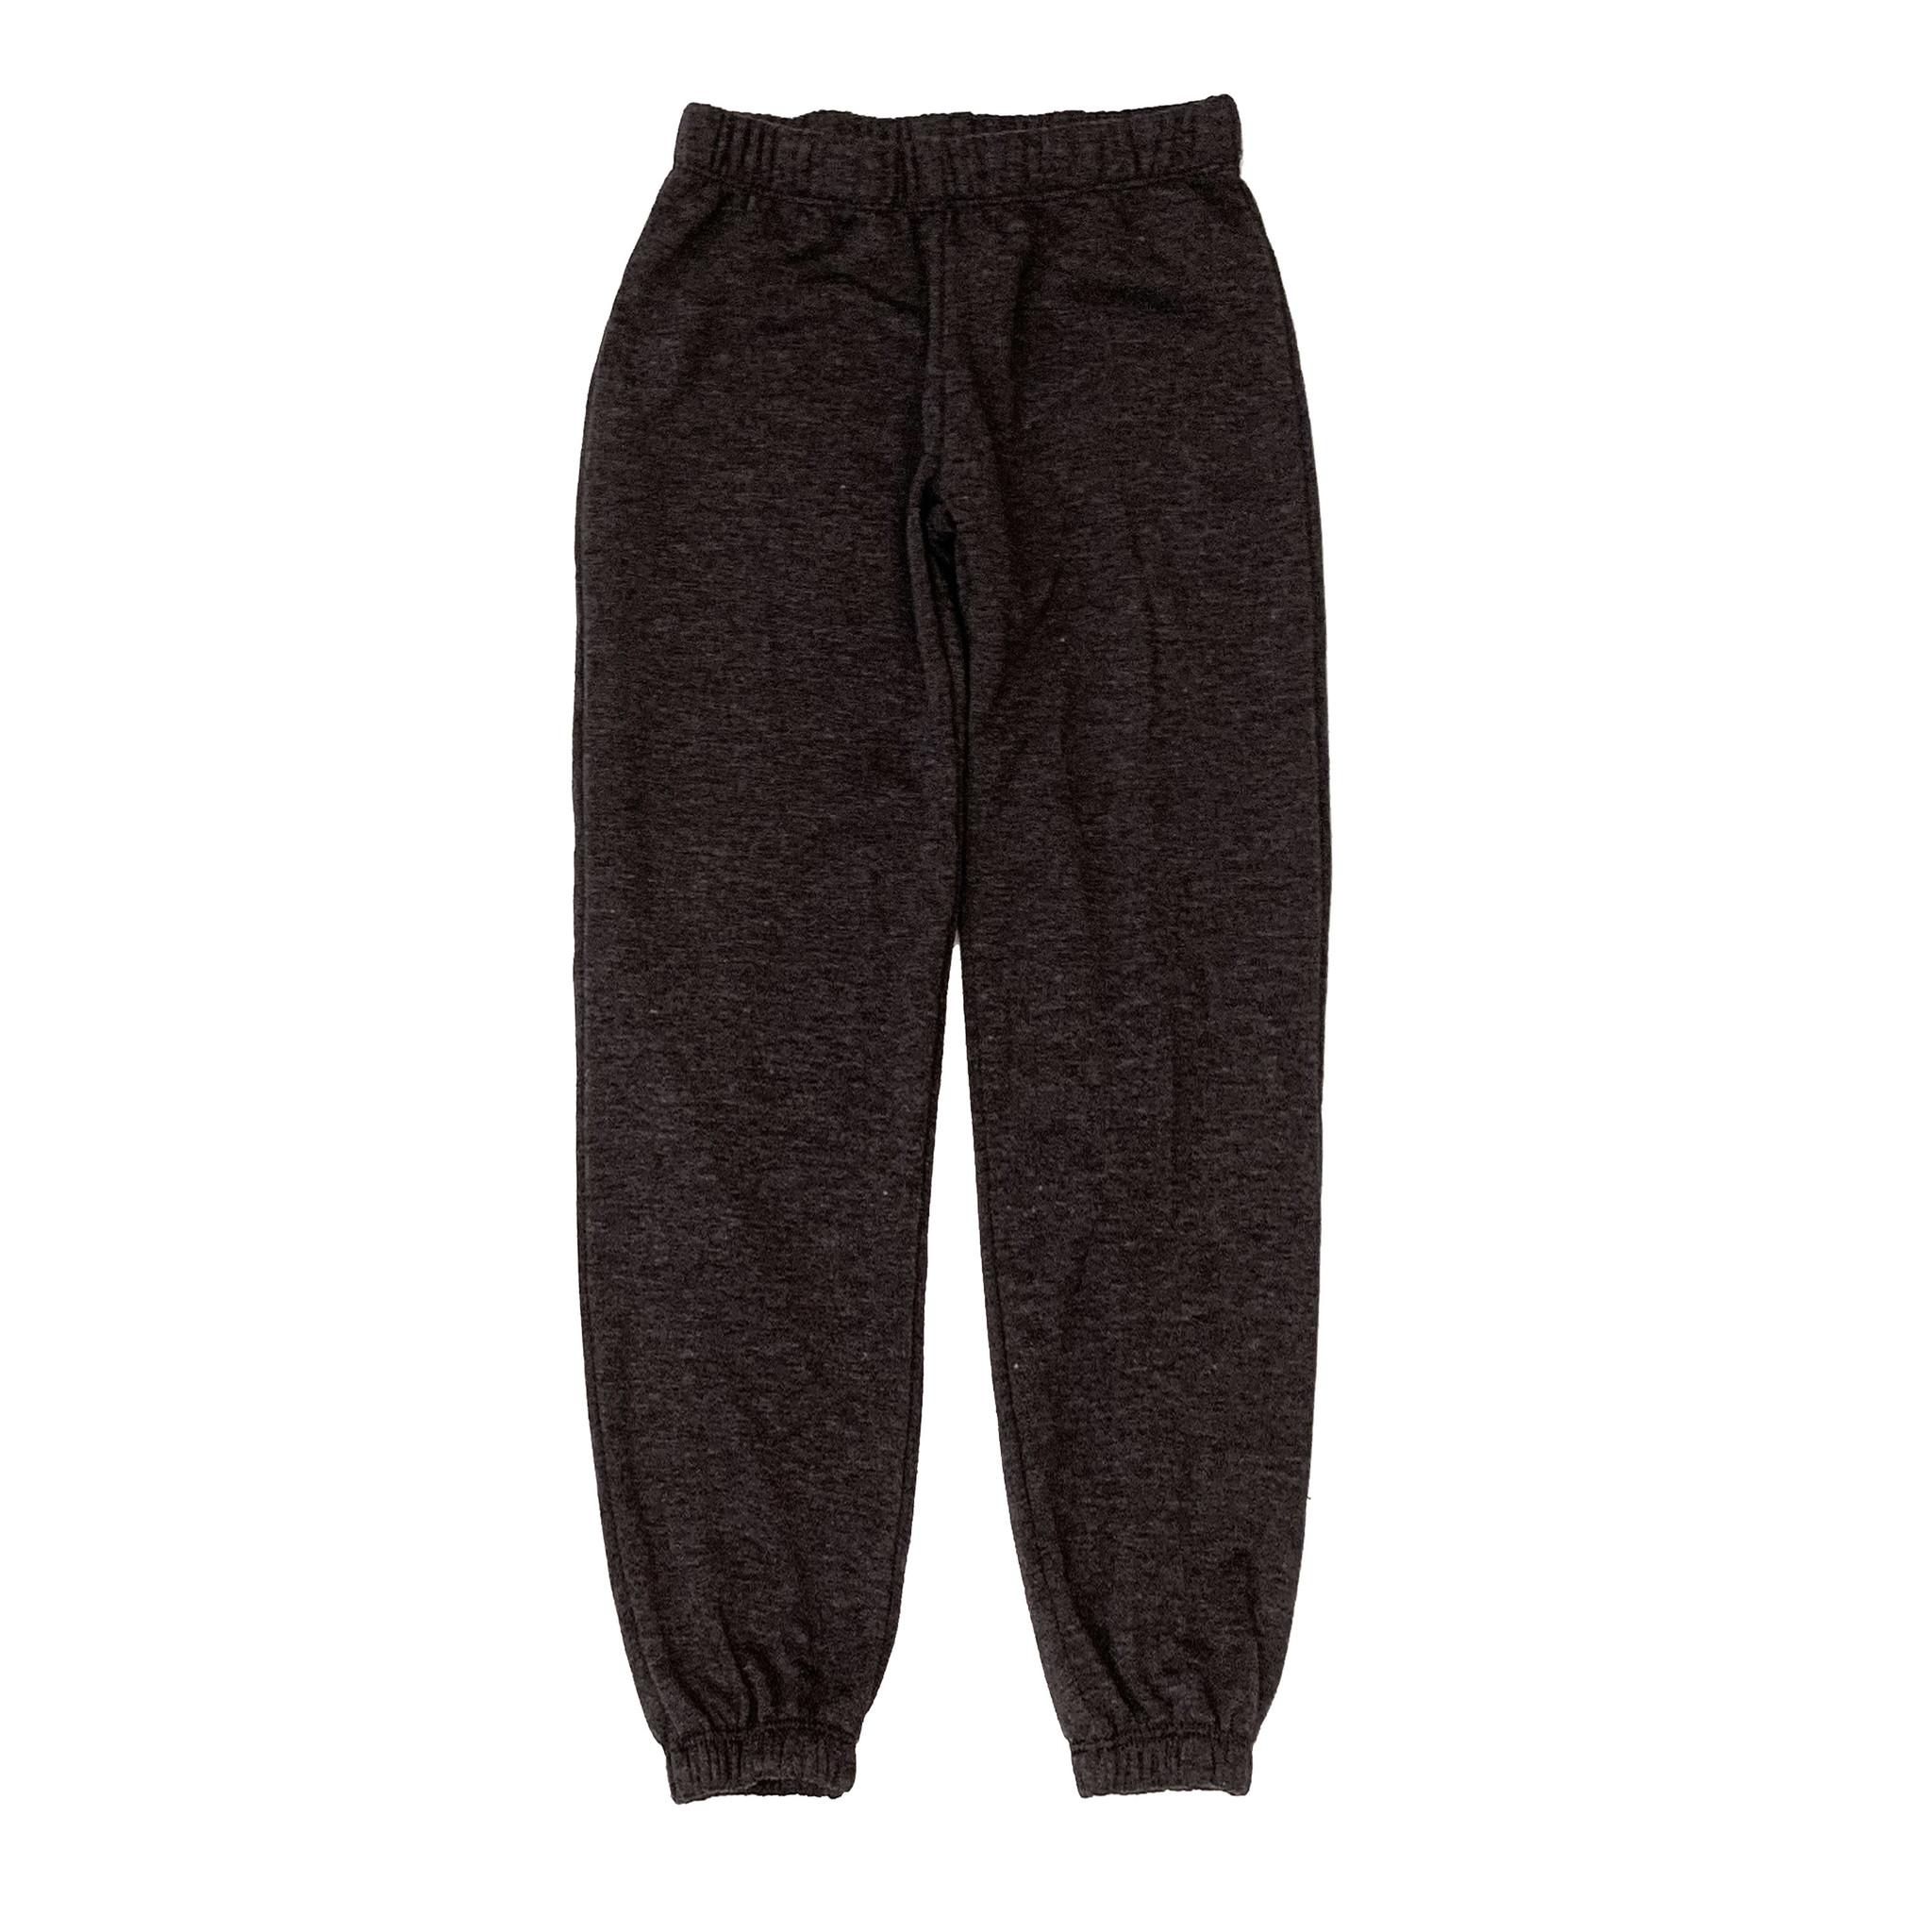 Firehouse Junior Soft Charcoal Sweatpants